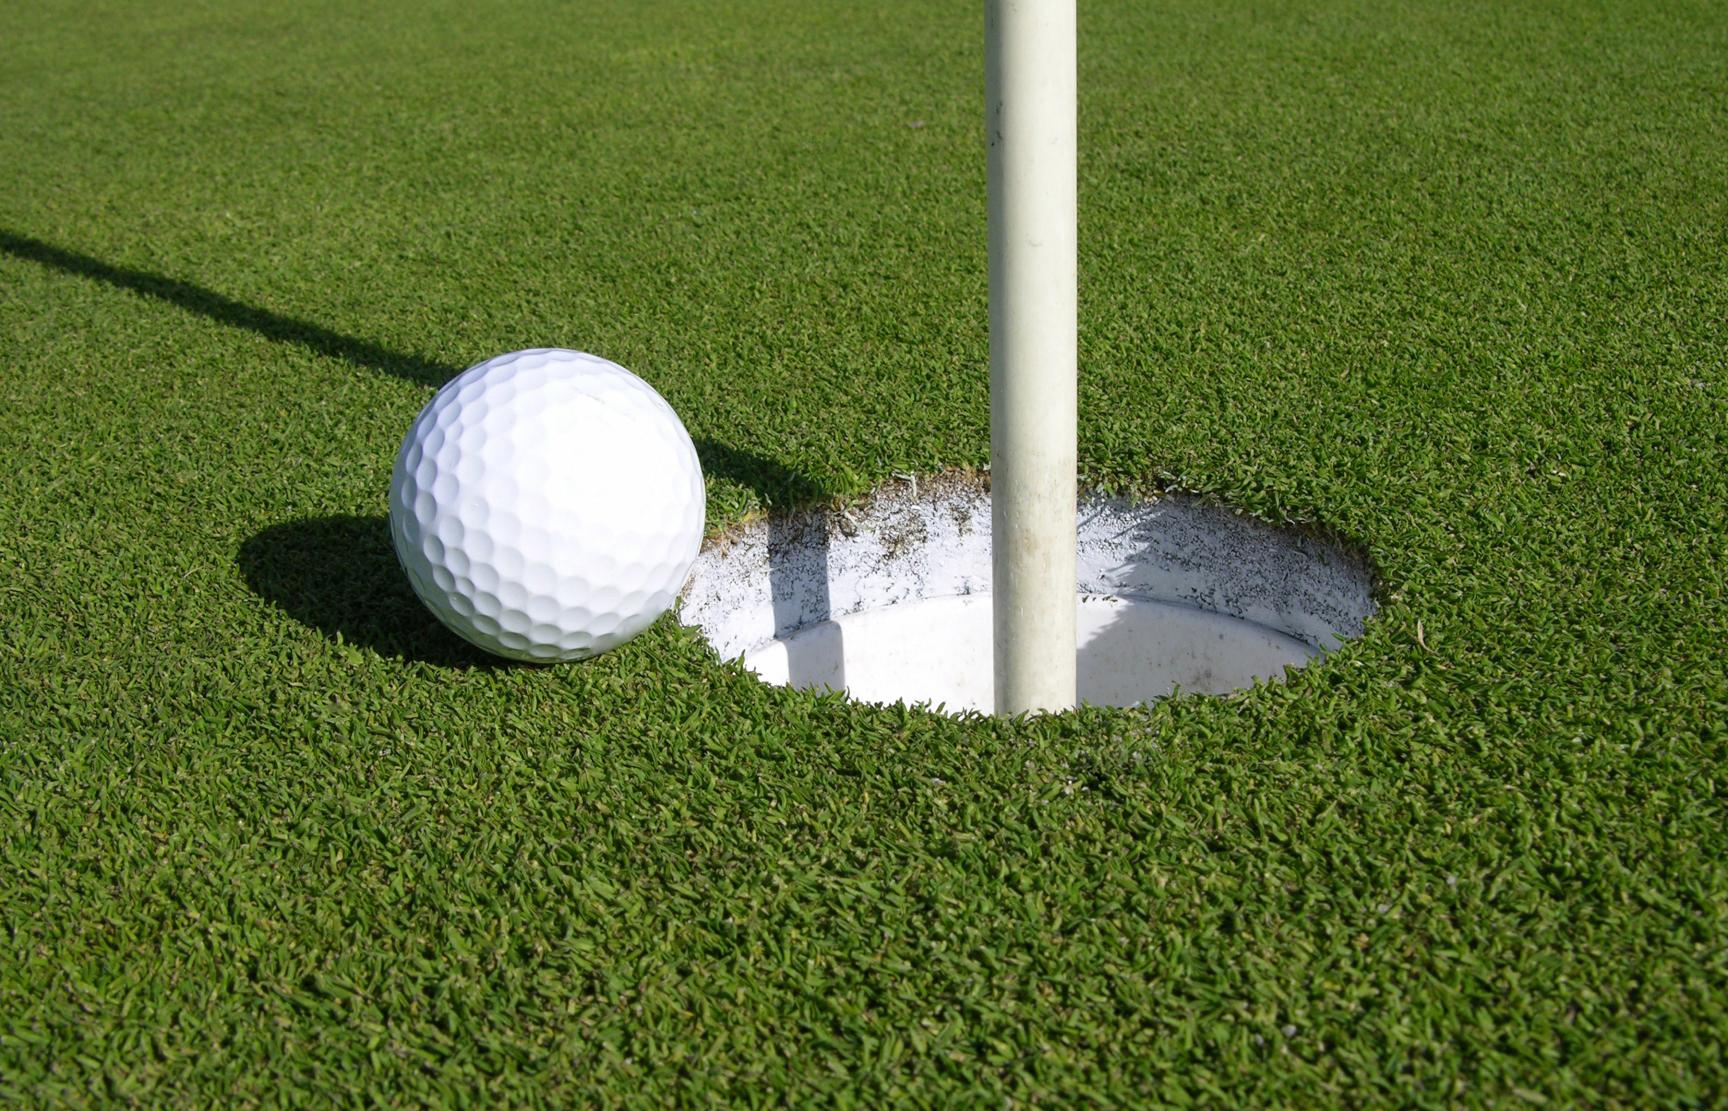 Kết quả hình ảnh cho hole of golf